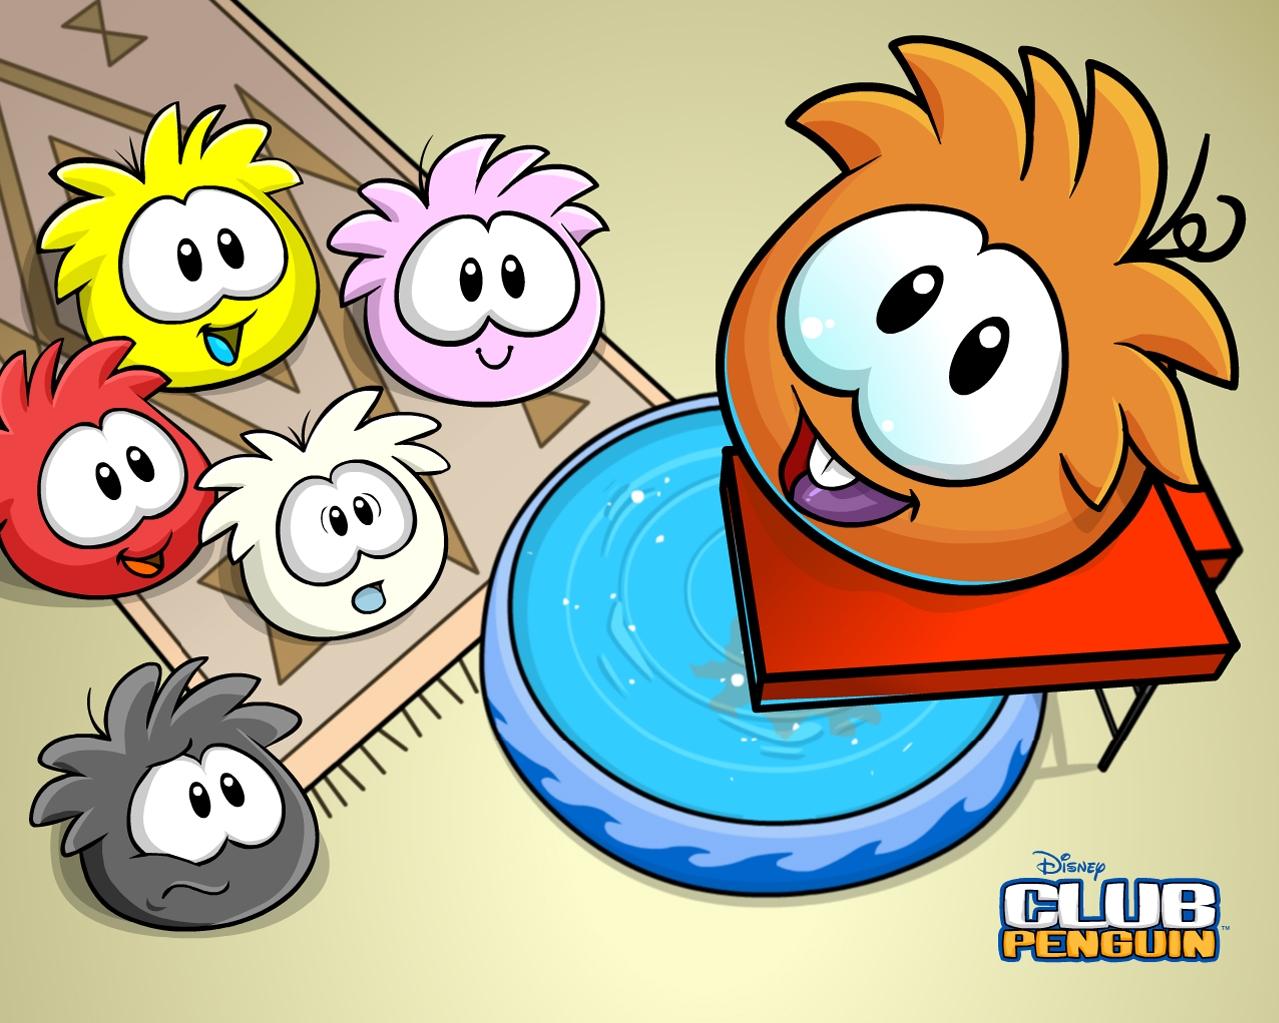 Club Penguin puffles